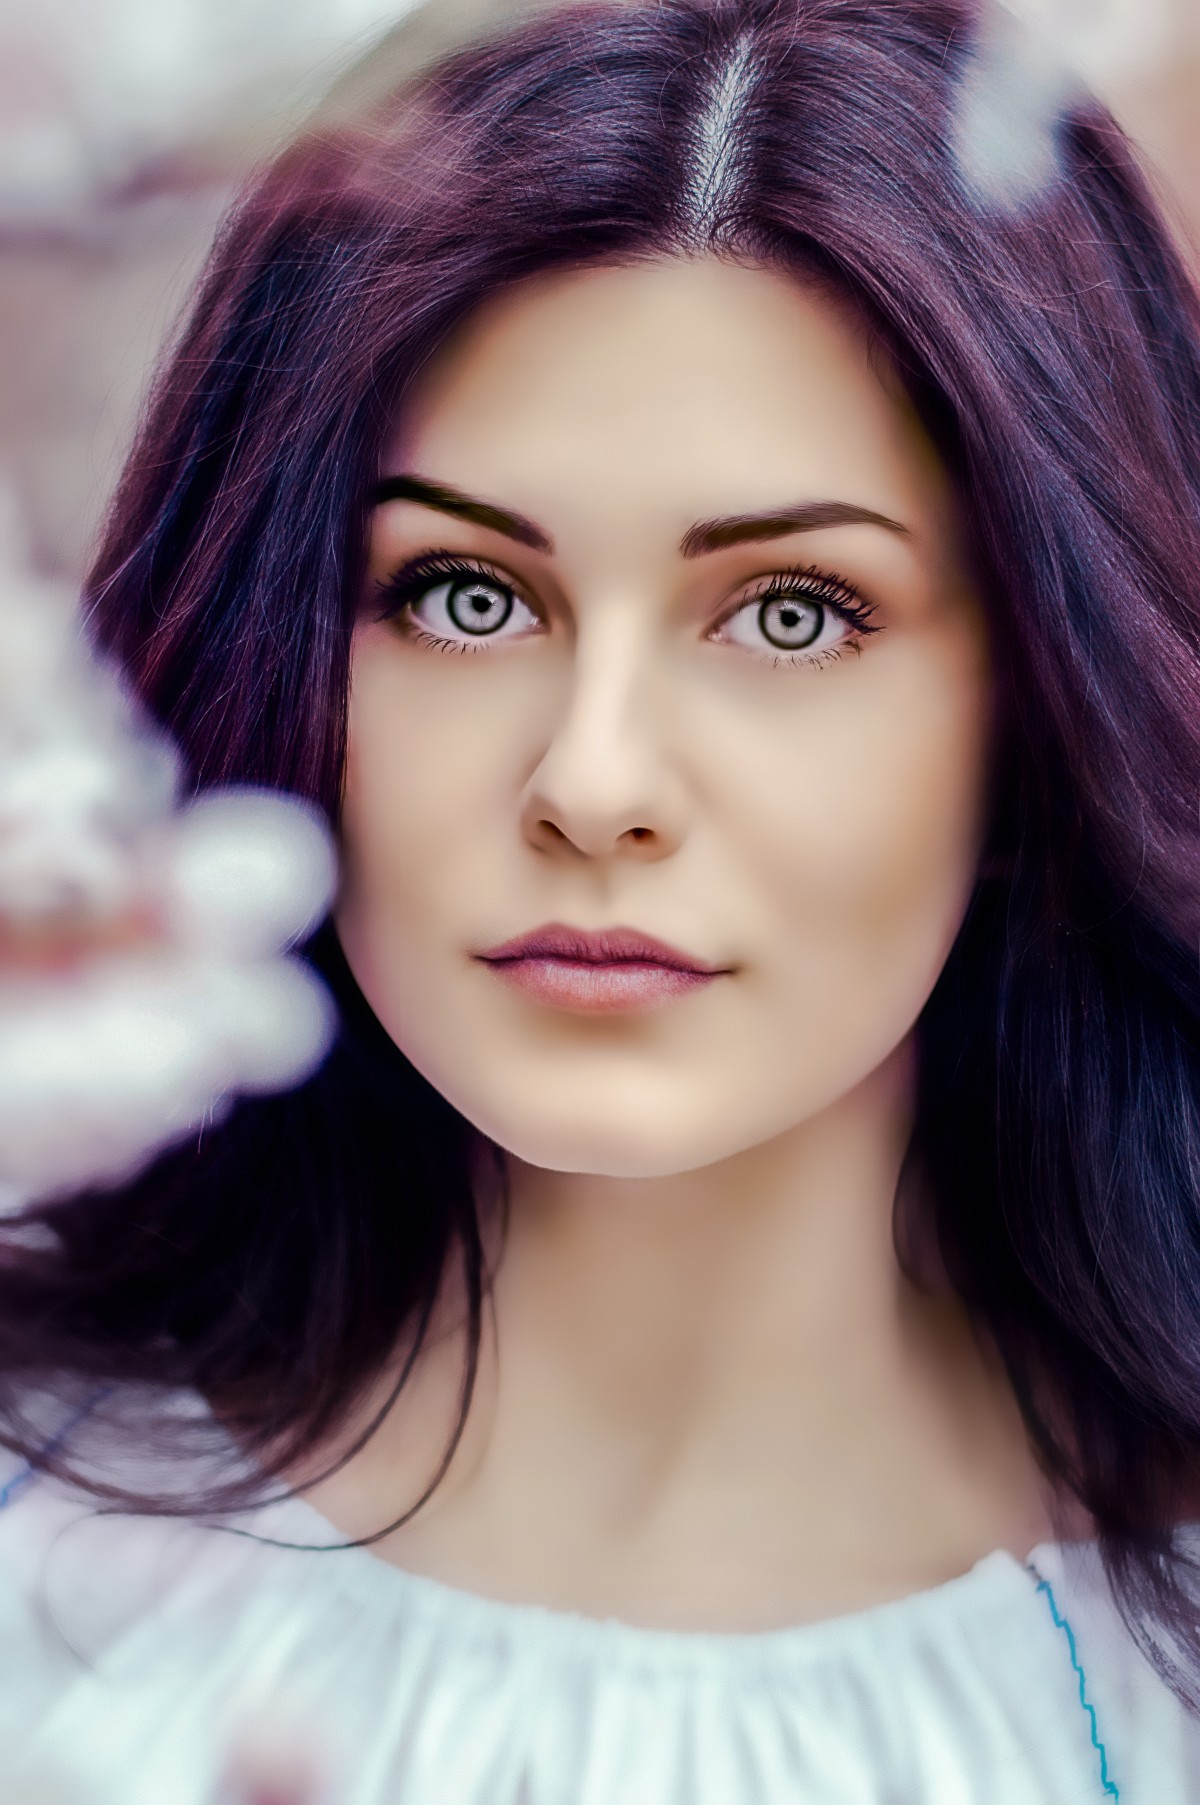 cabello violeta 19